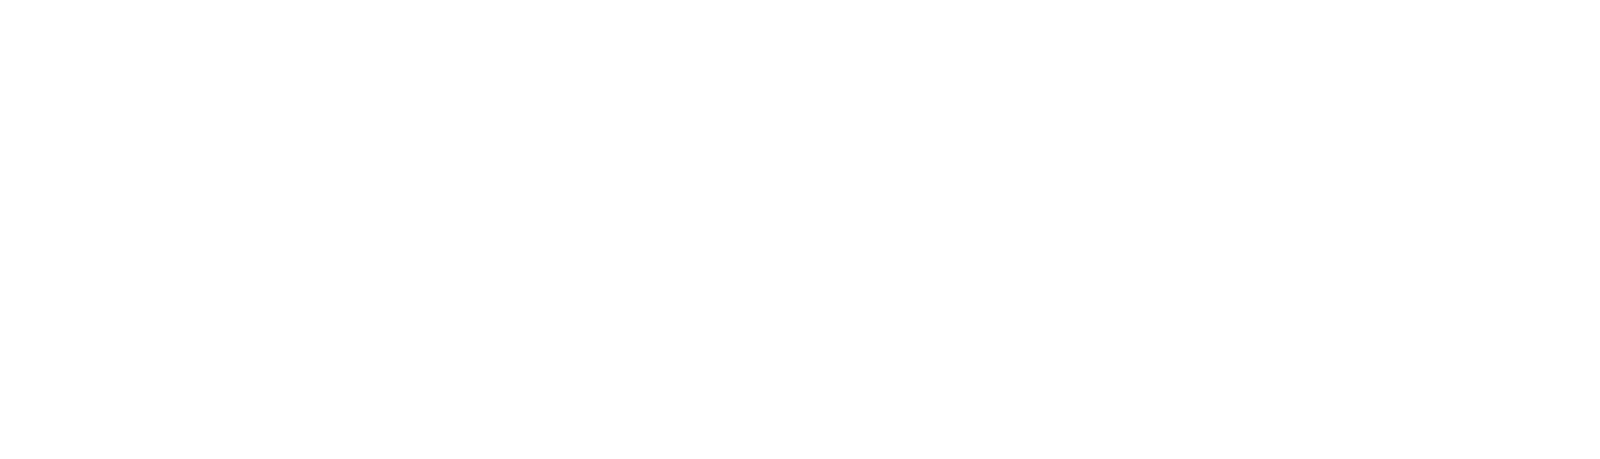 柏日本閣 ロゴ白